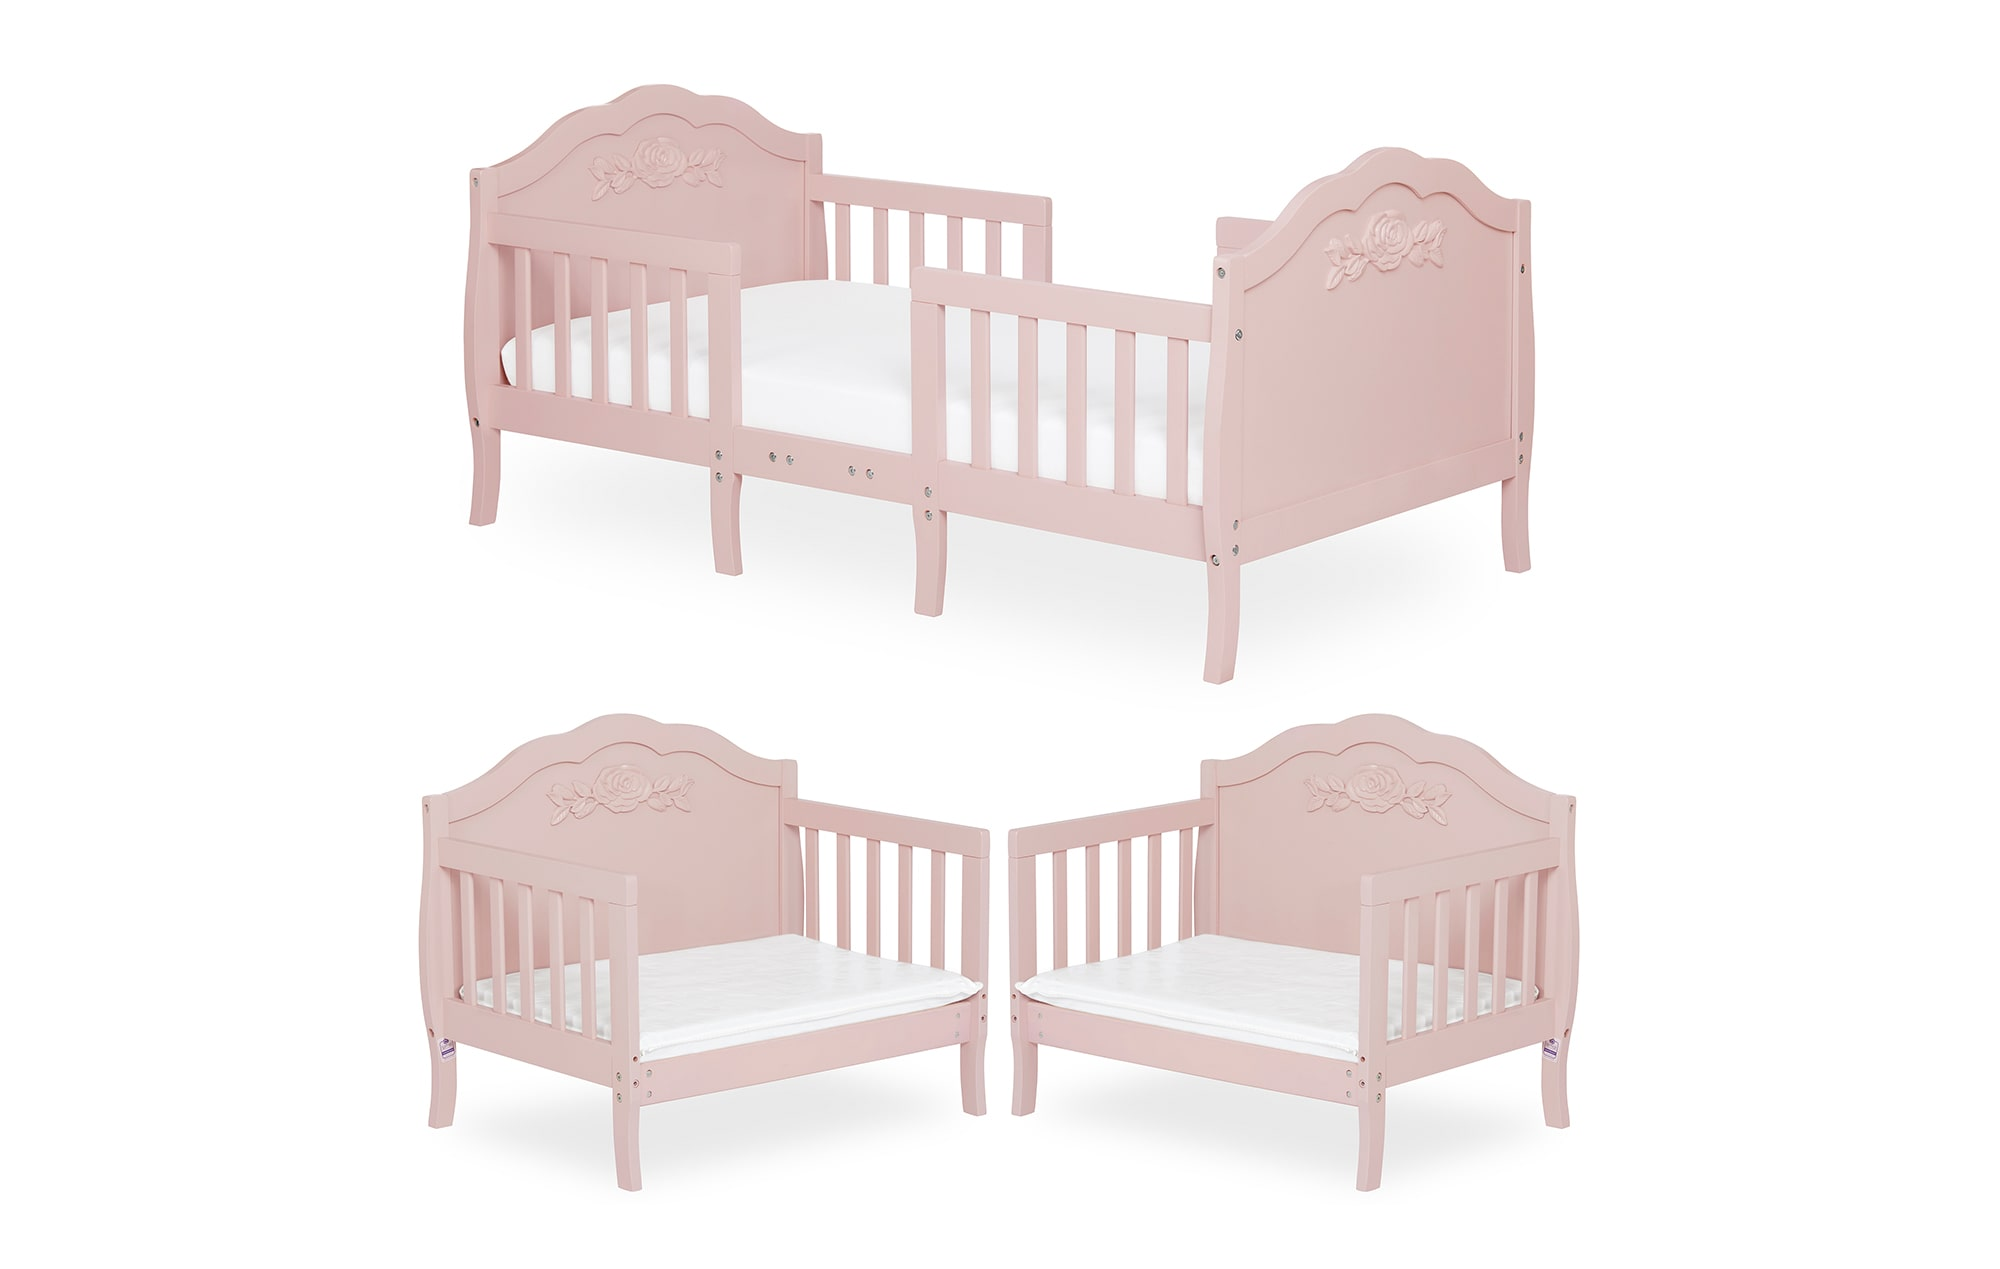 640_BLUSH Rose Toddler Bed Collage 1